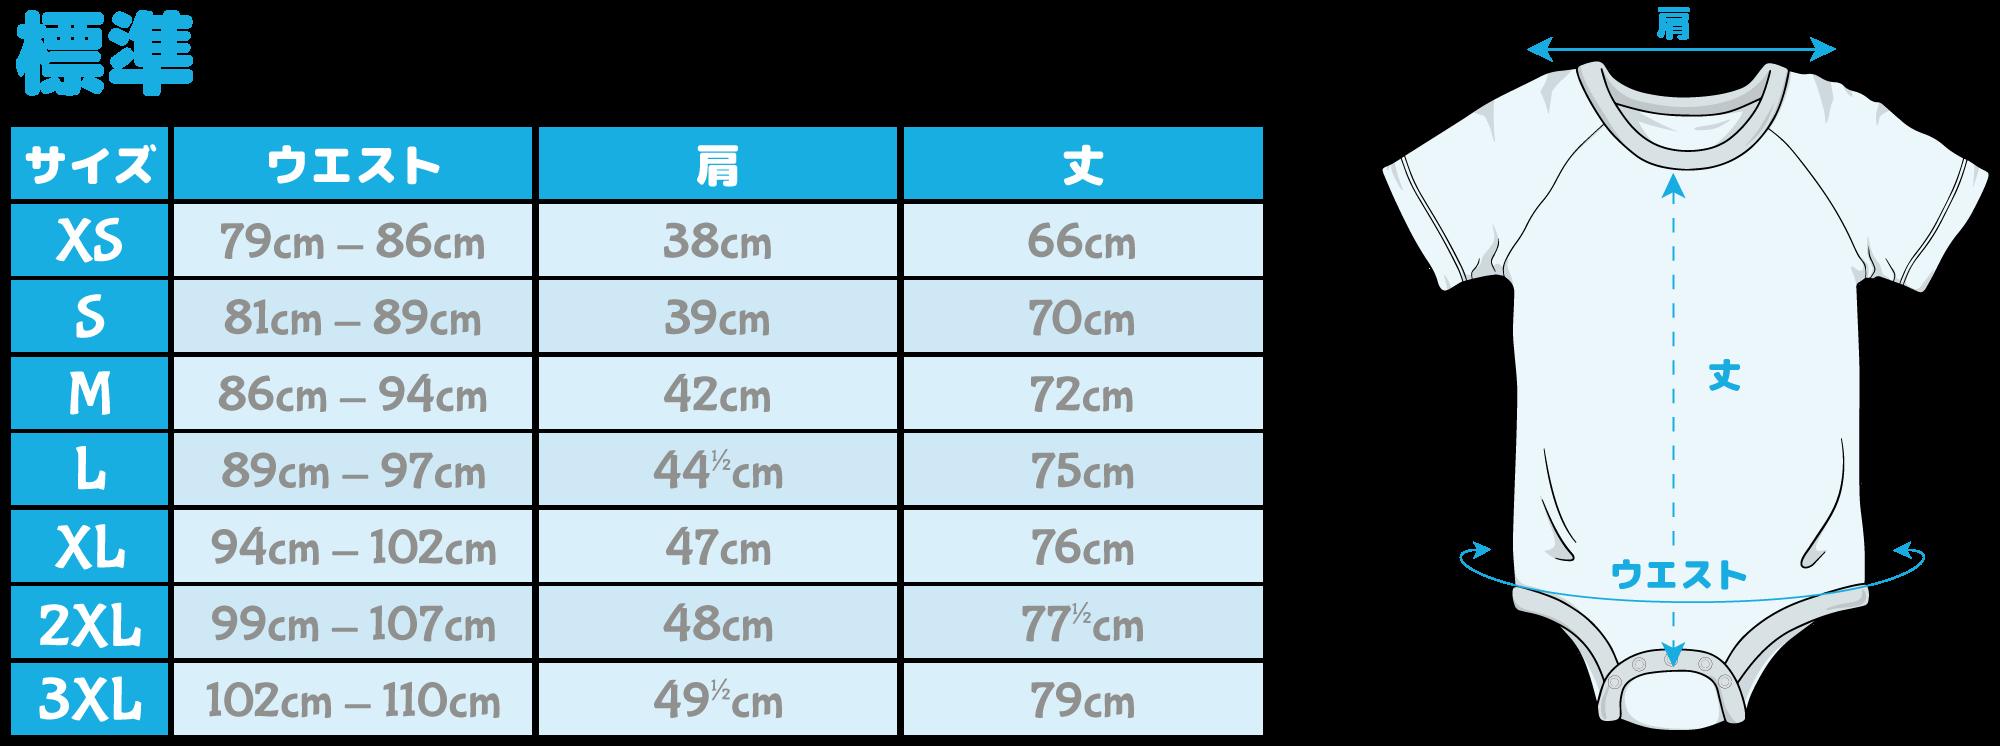 Standard Onesie Sizing Chart